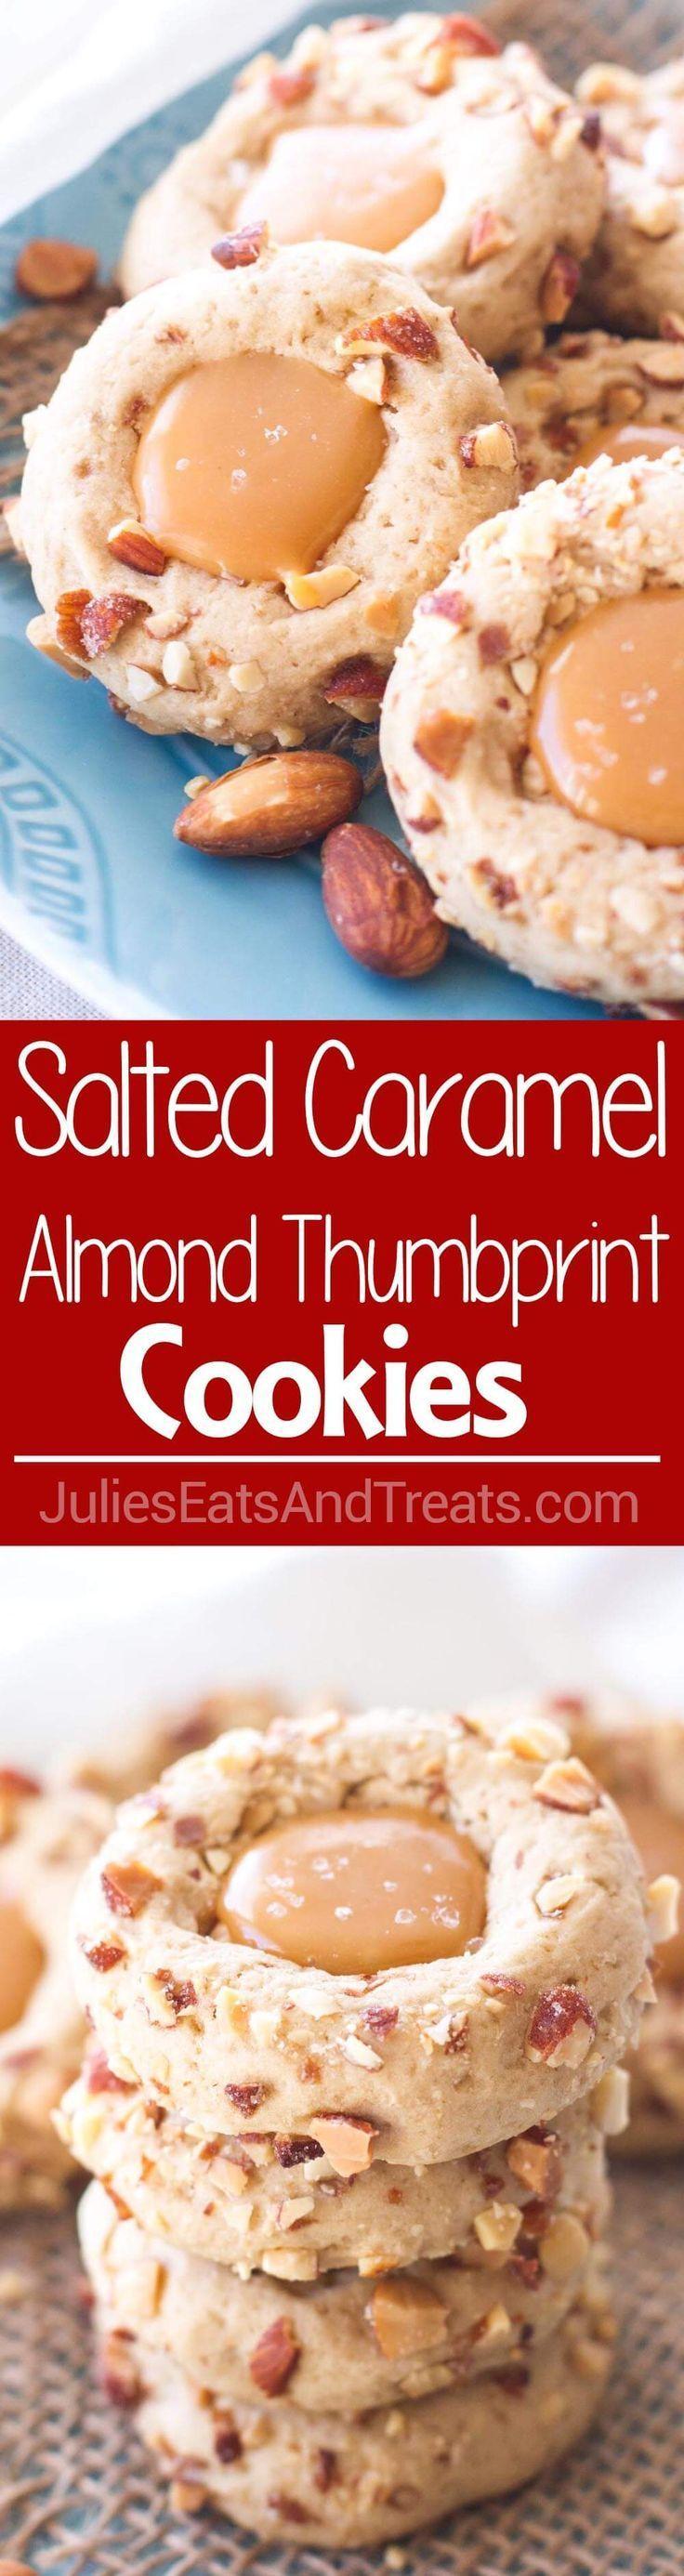 Salted Caramel Almond Thumbprint Cookies